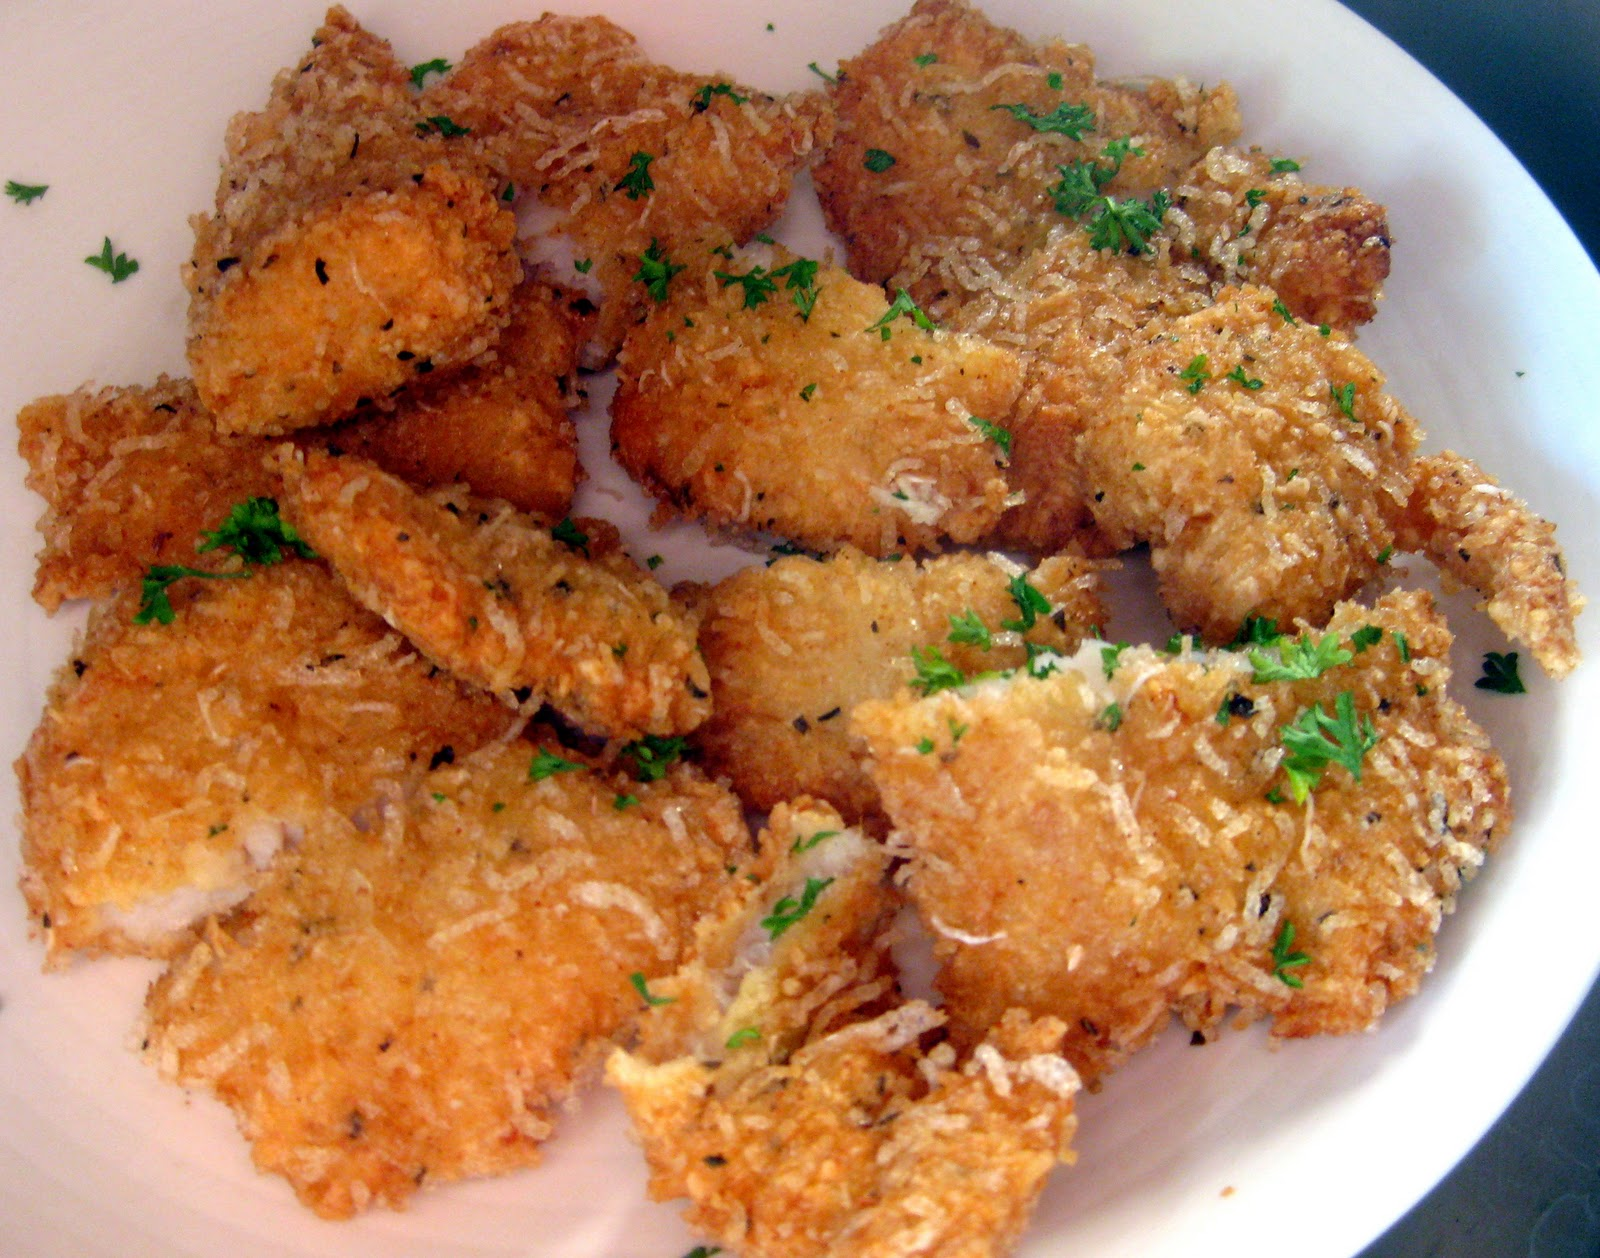 http://1.bp.blogspot.com/-mH7eb4jYrOo/TyYwmTzfGEI/AAAAAAAAA5w/tHFazpOkuv8/s1600/Herbed+vermicelli+mustard+cream+dory+fish+fillet_1901.JPG